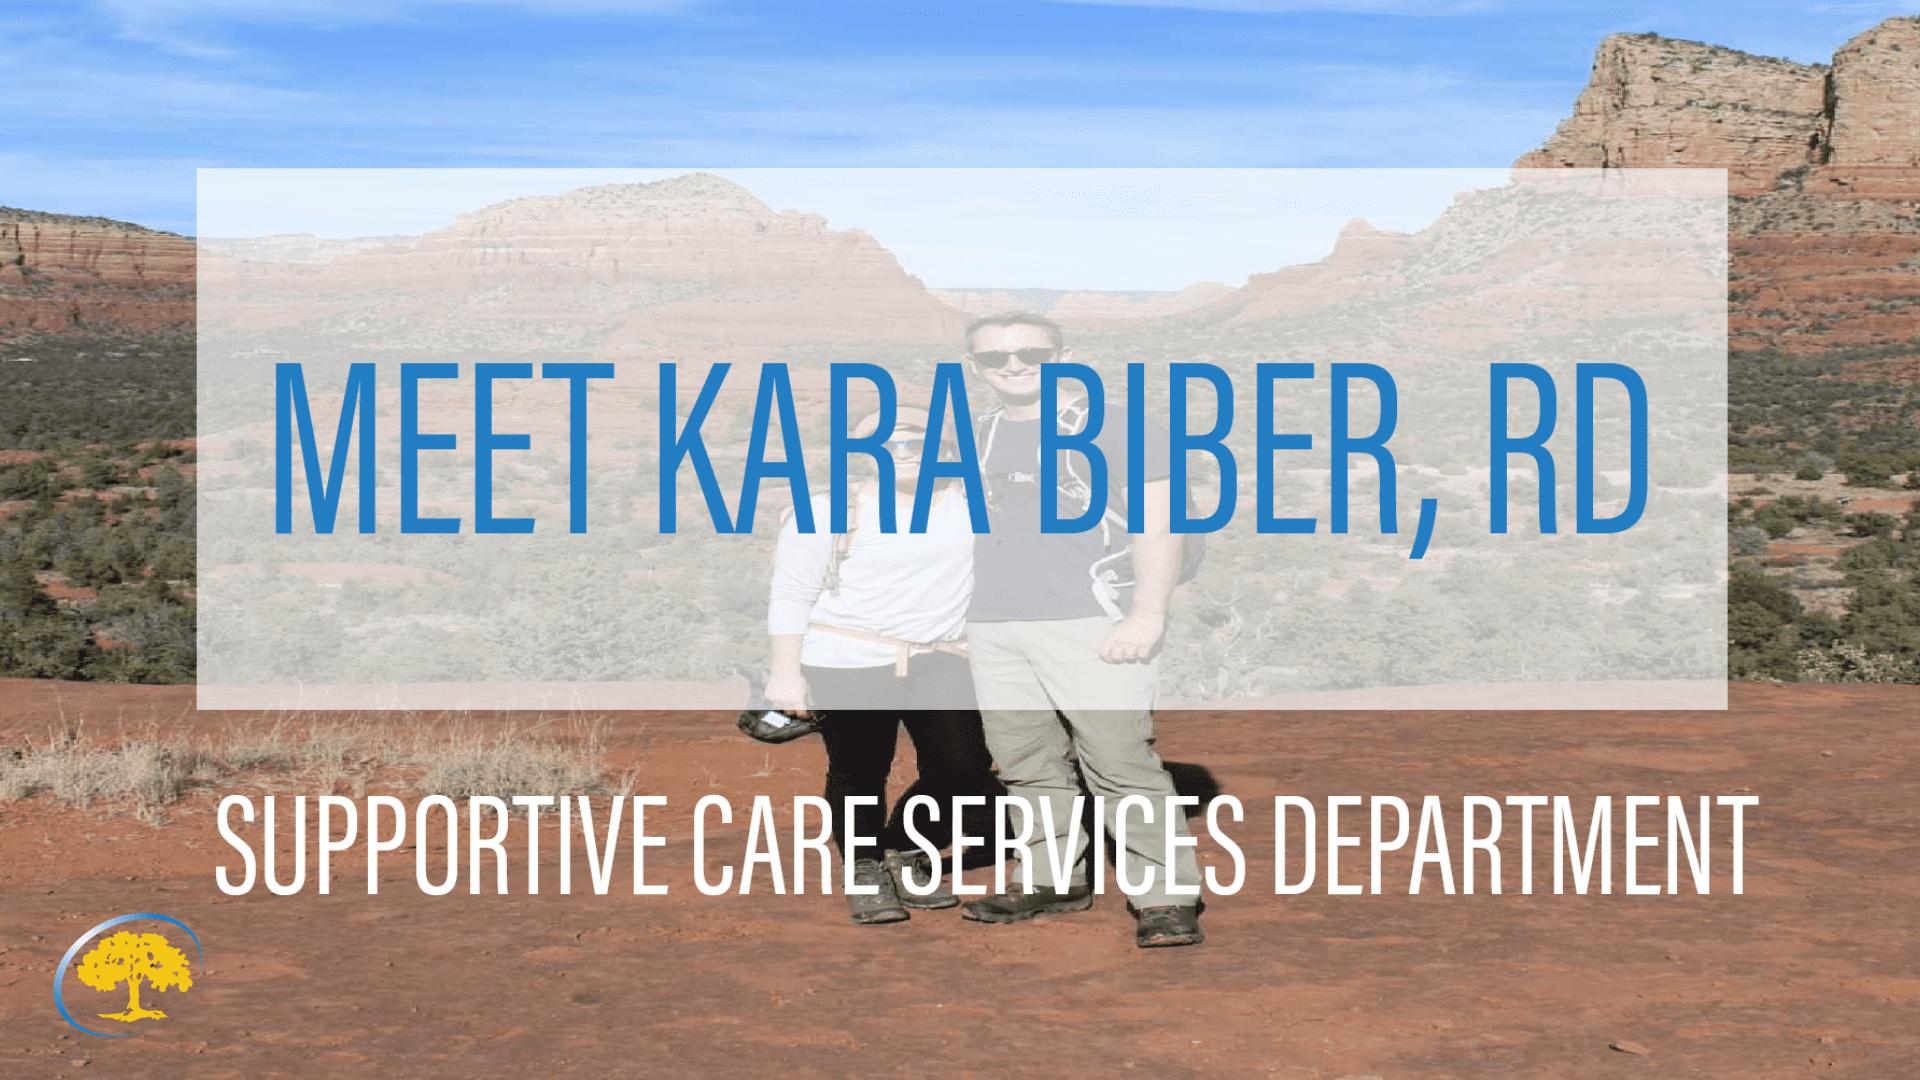 Meet Kara Biber